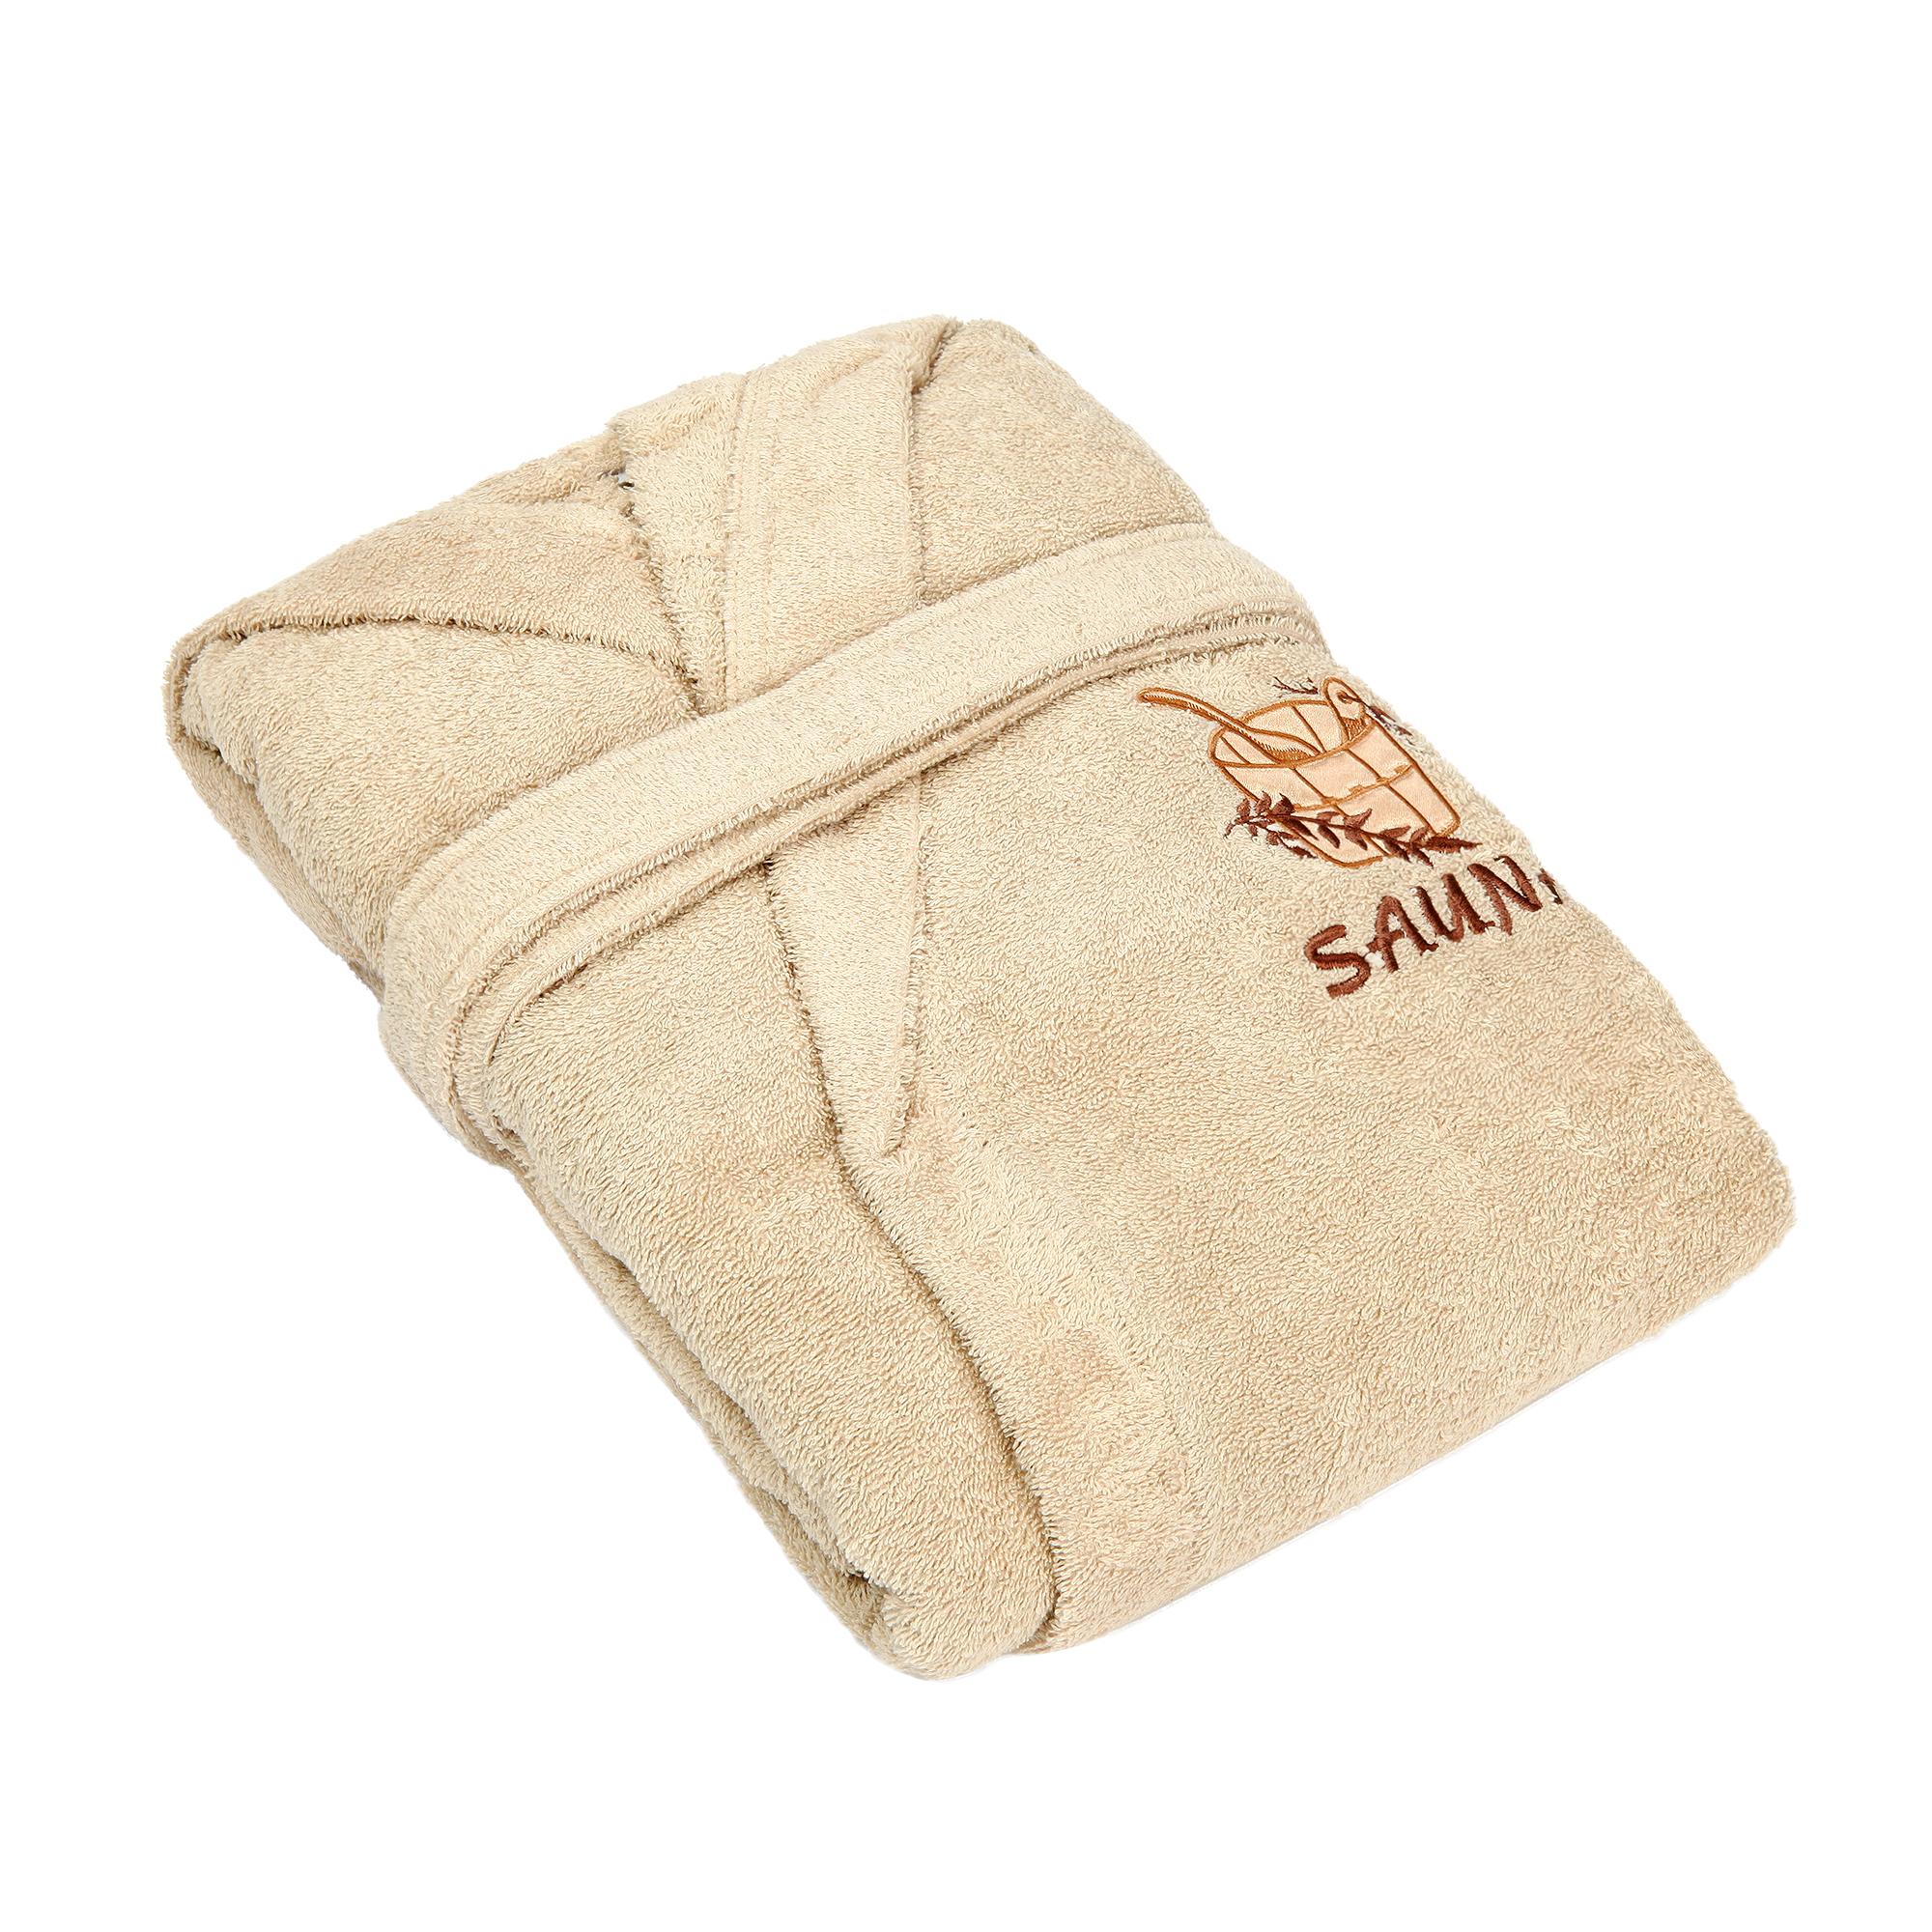 Фото - Халат мужской Asil sauna brown l махровый с капюшоном халат махровый asil двухсторонний xxl темно синий